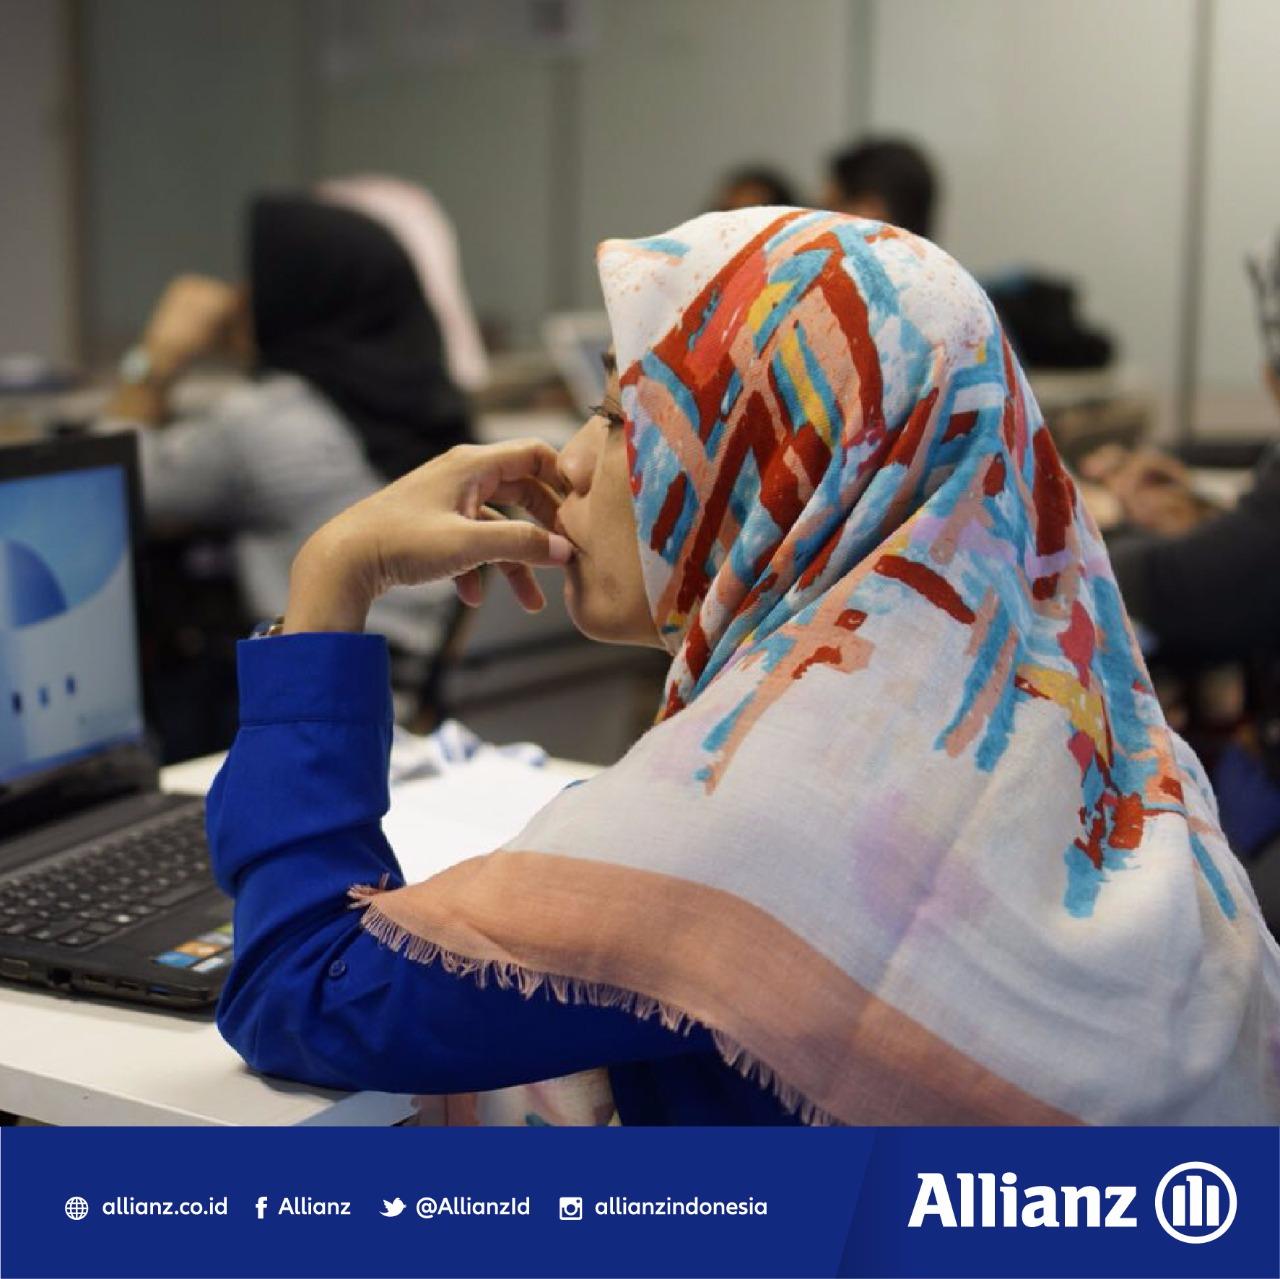 manfaat asuransi kesehatan syariah allianz